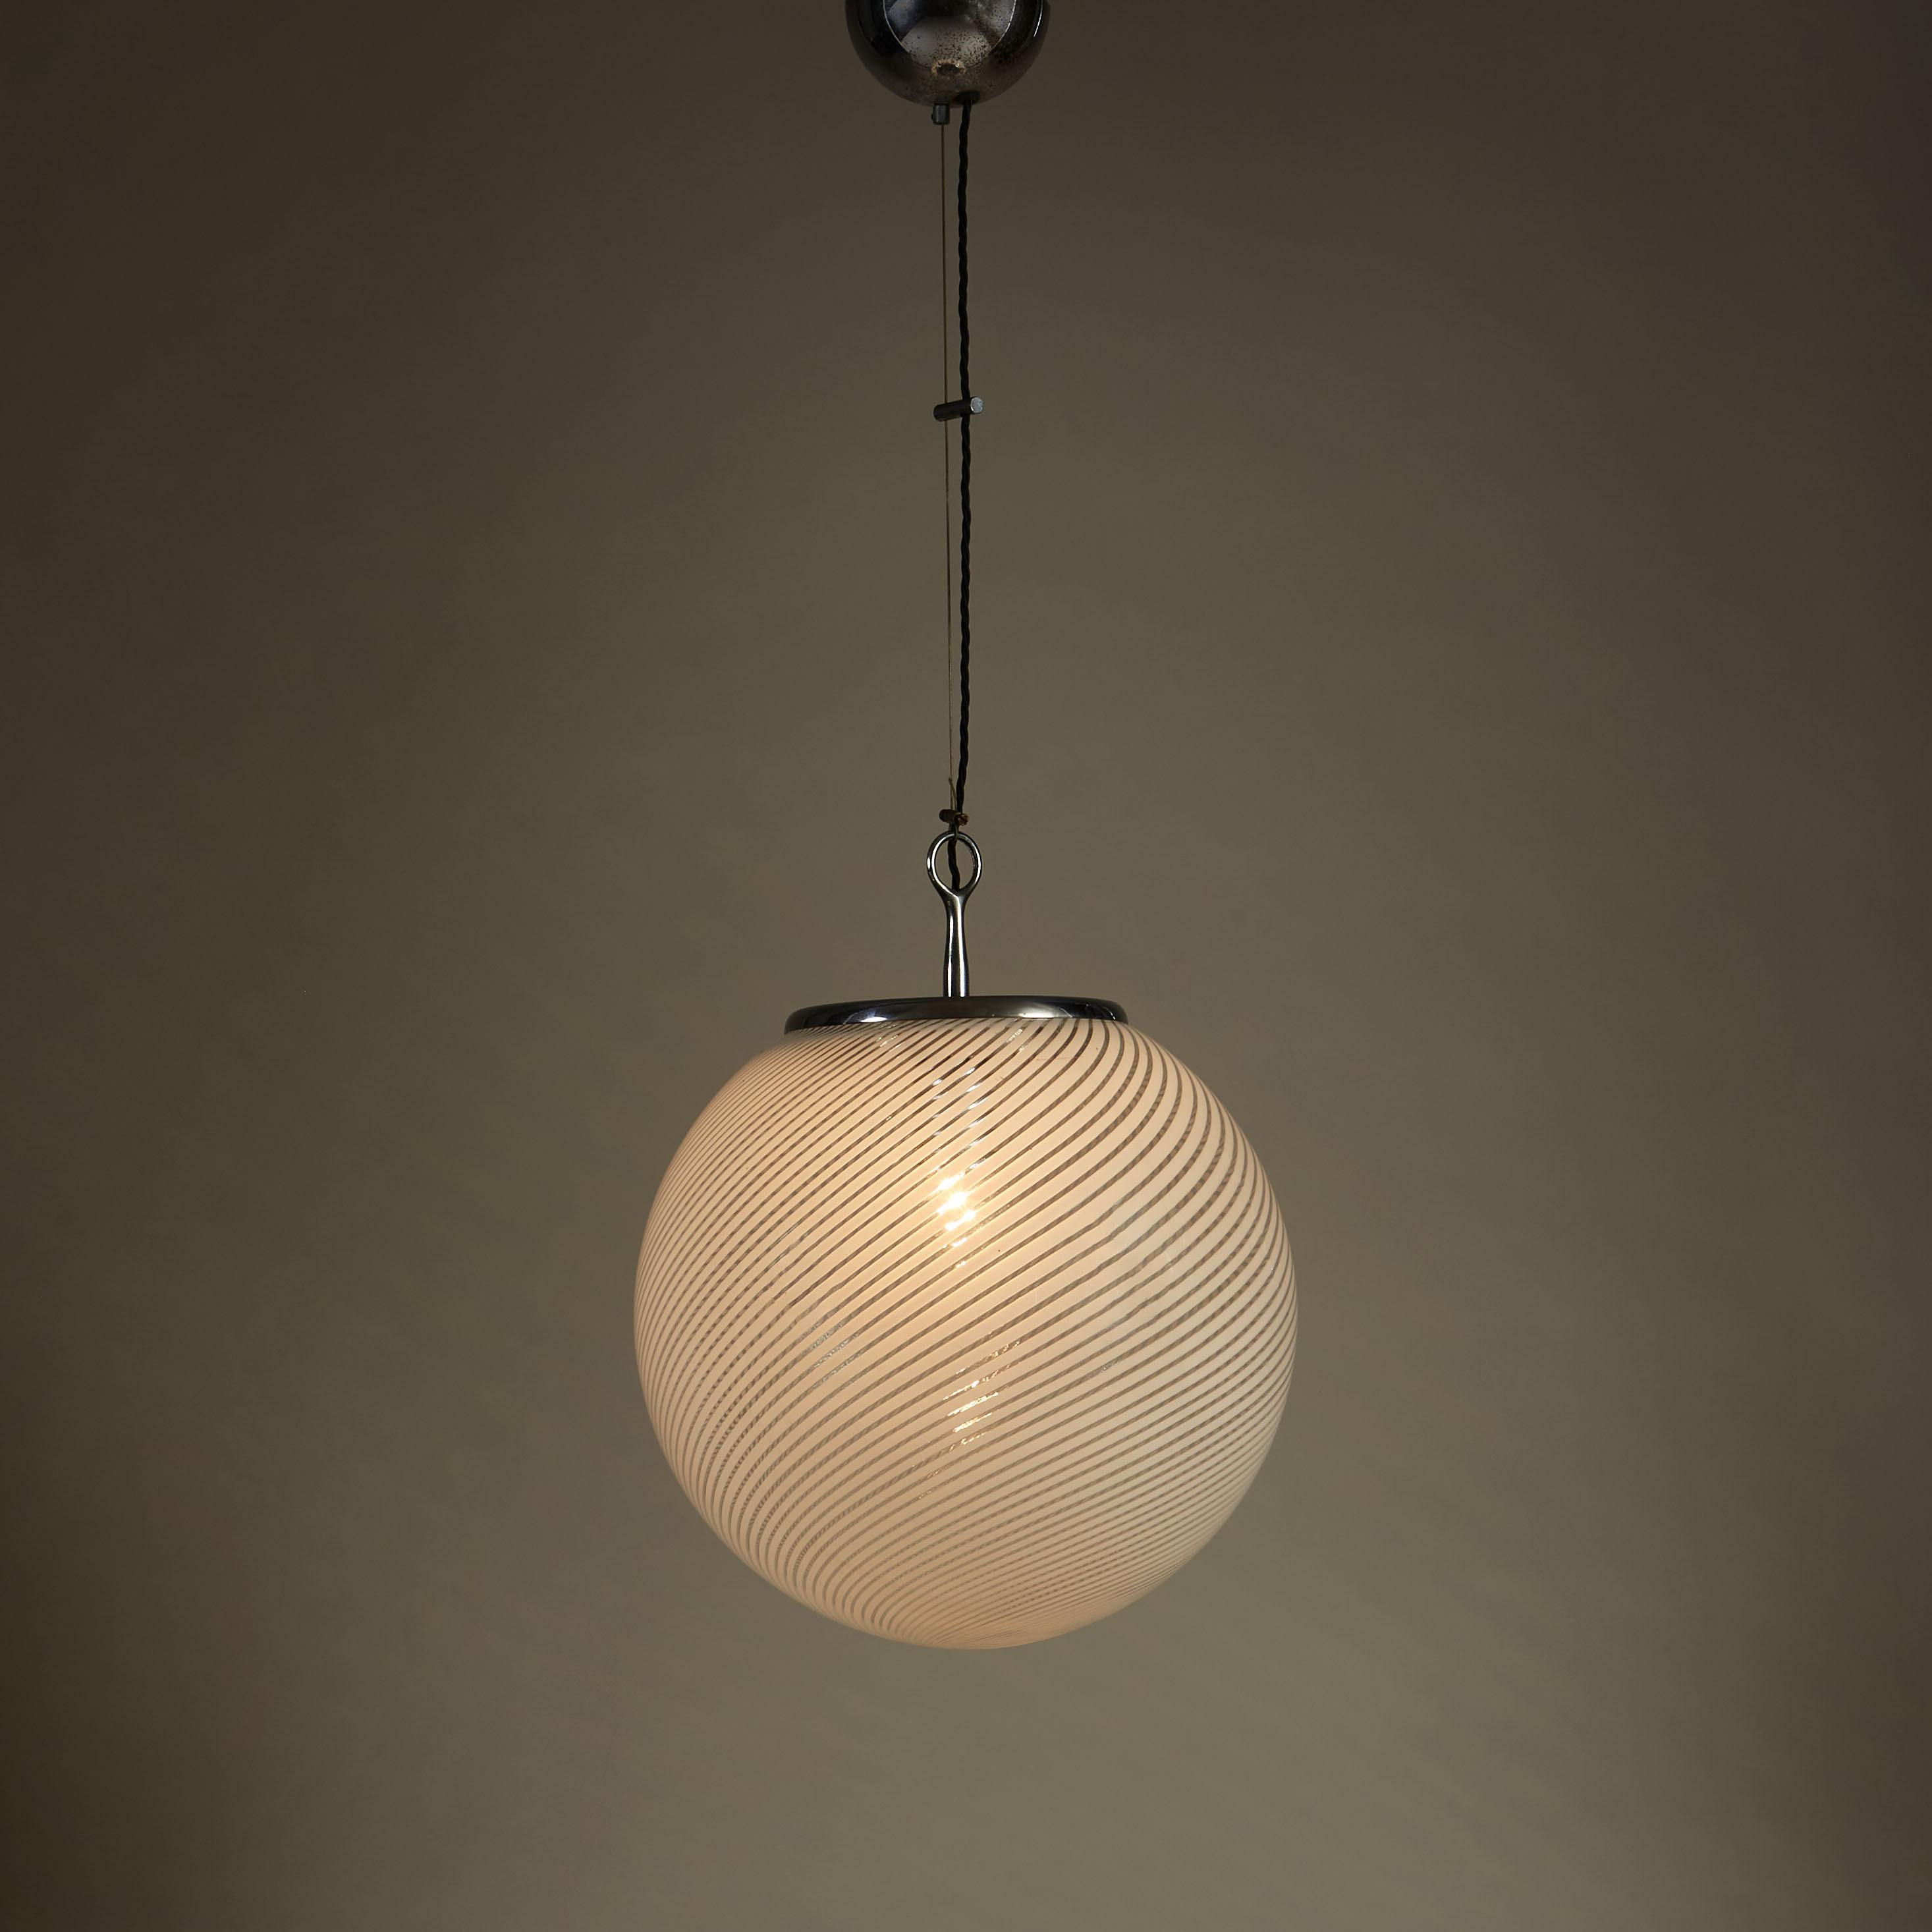 Italian Swirl Ball Lamp 0096 V1